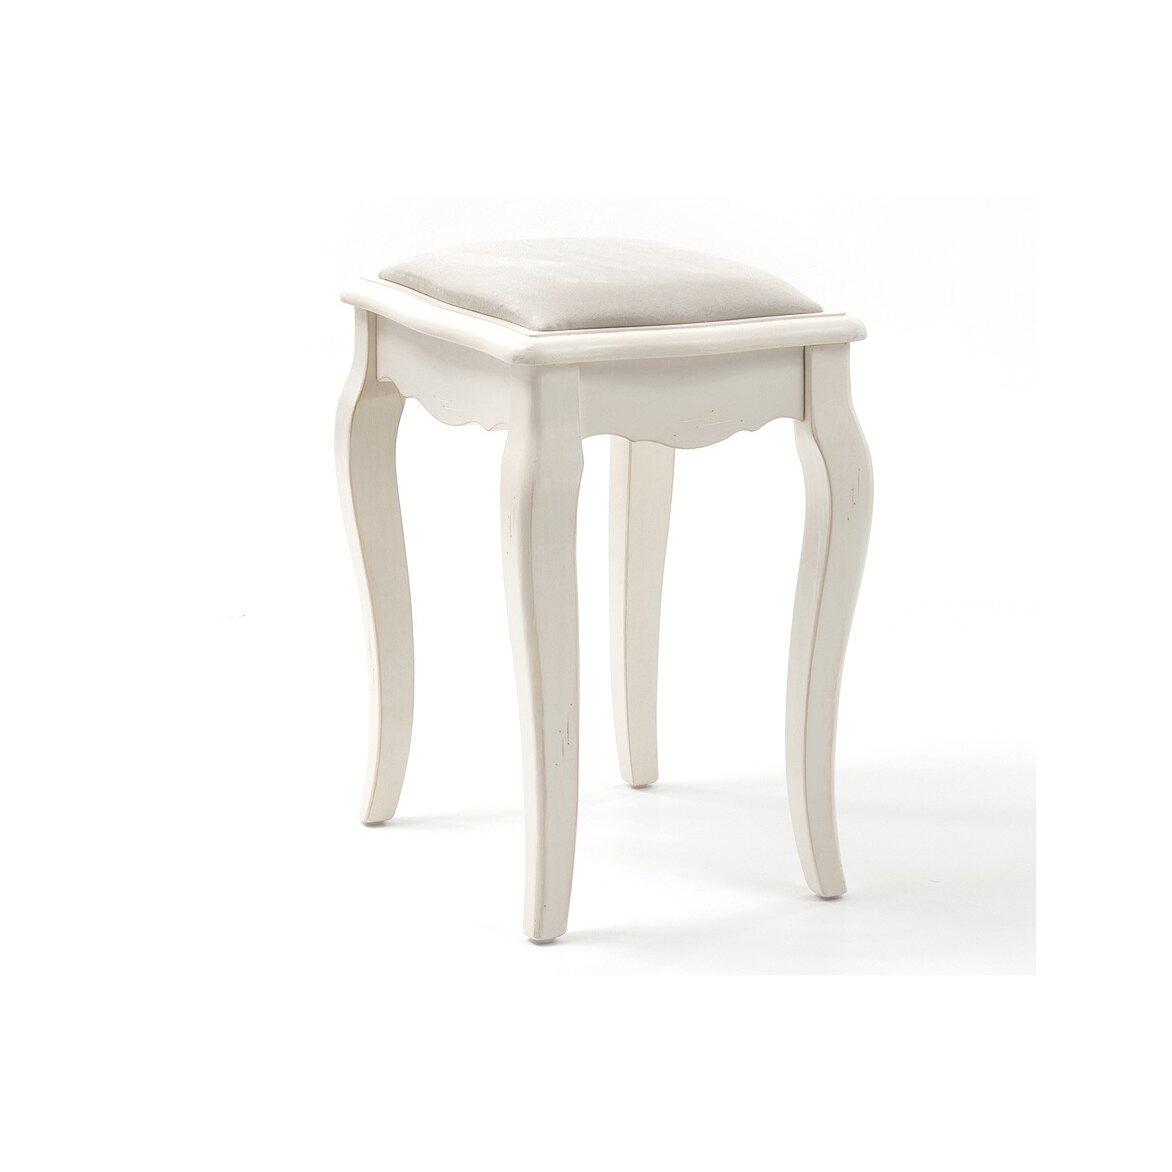 Табурет с мягким сиденьем к макияжному столику Leontina, бежевого цвета 2 | Стулья Kingsby